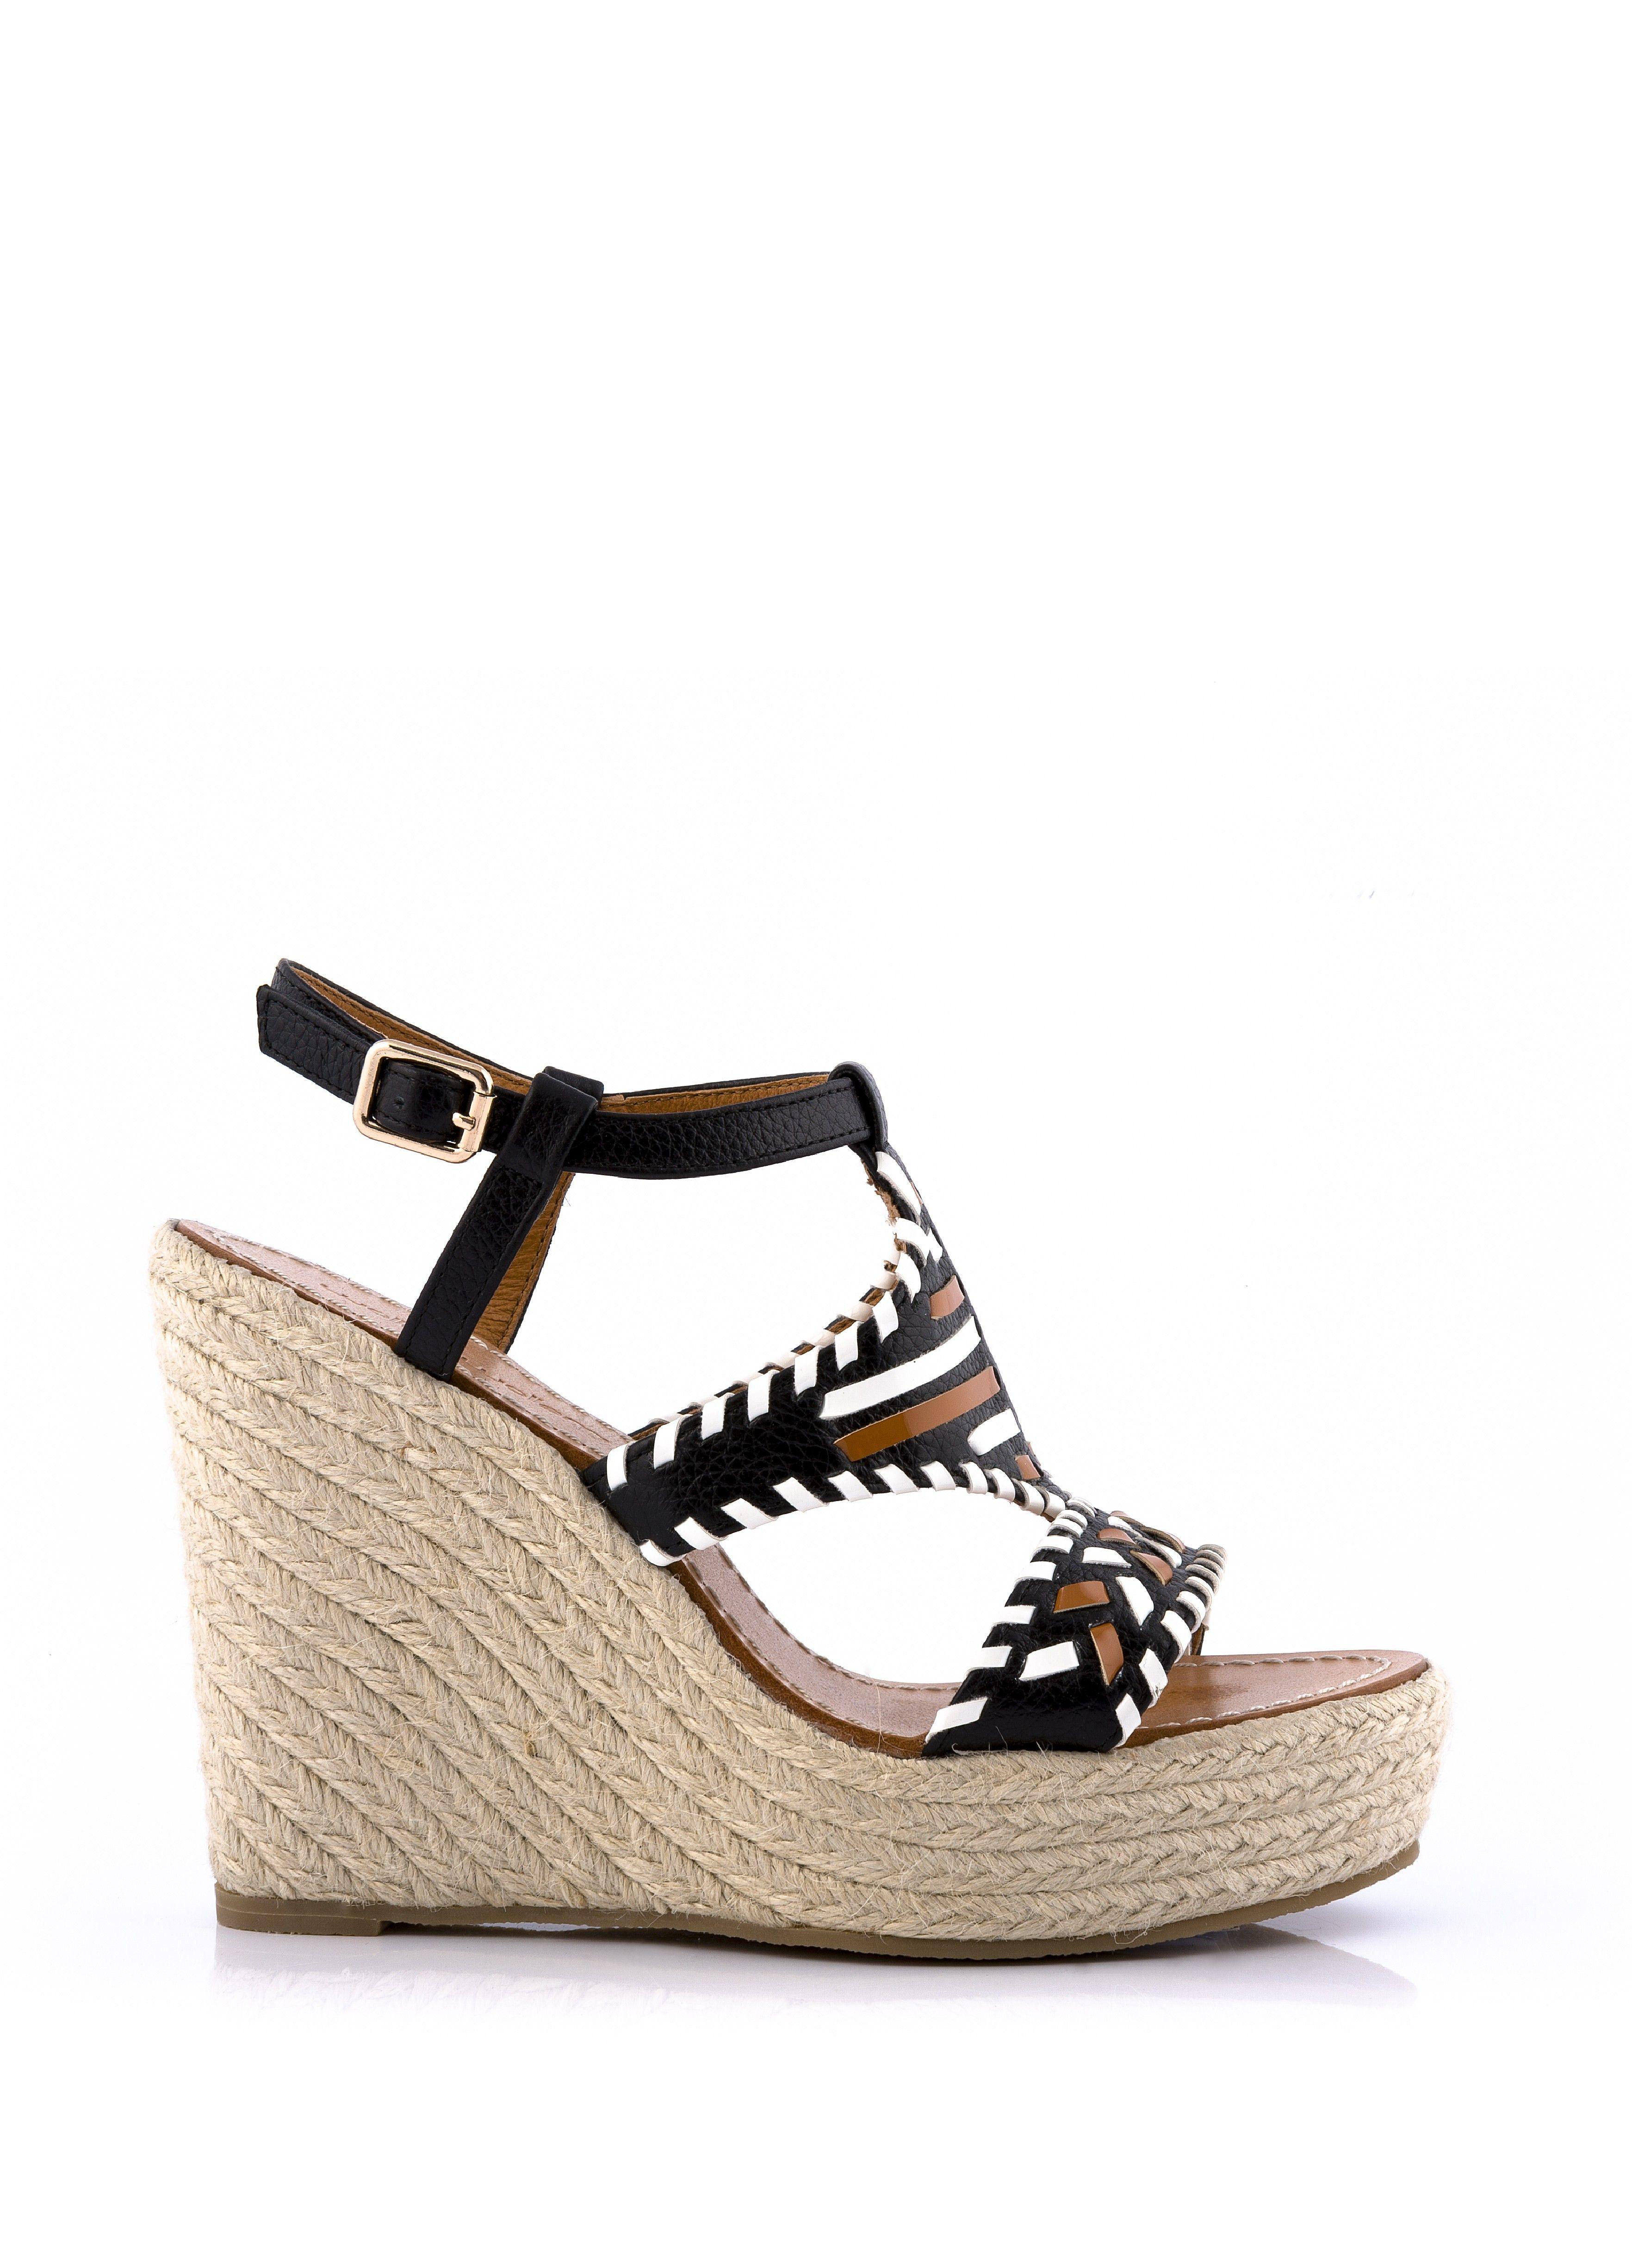 3d02c117274 Sandale Compensée SAKE Noir - Sandales à talons - CHAUSSURES FEMME - FEMME